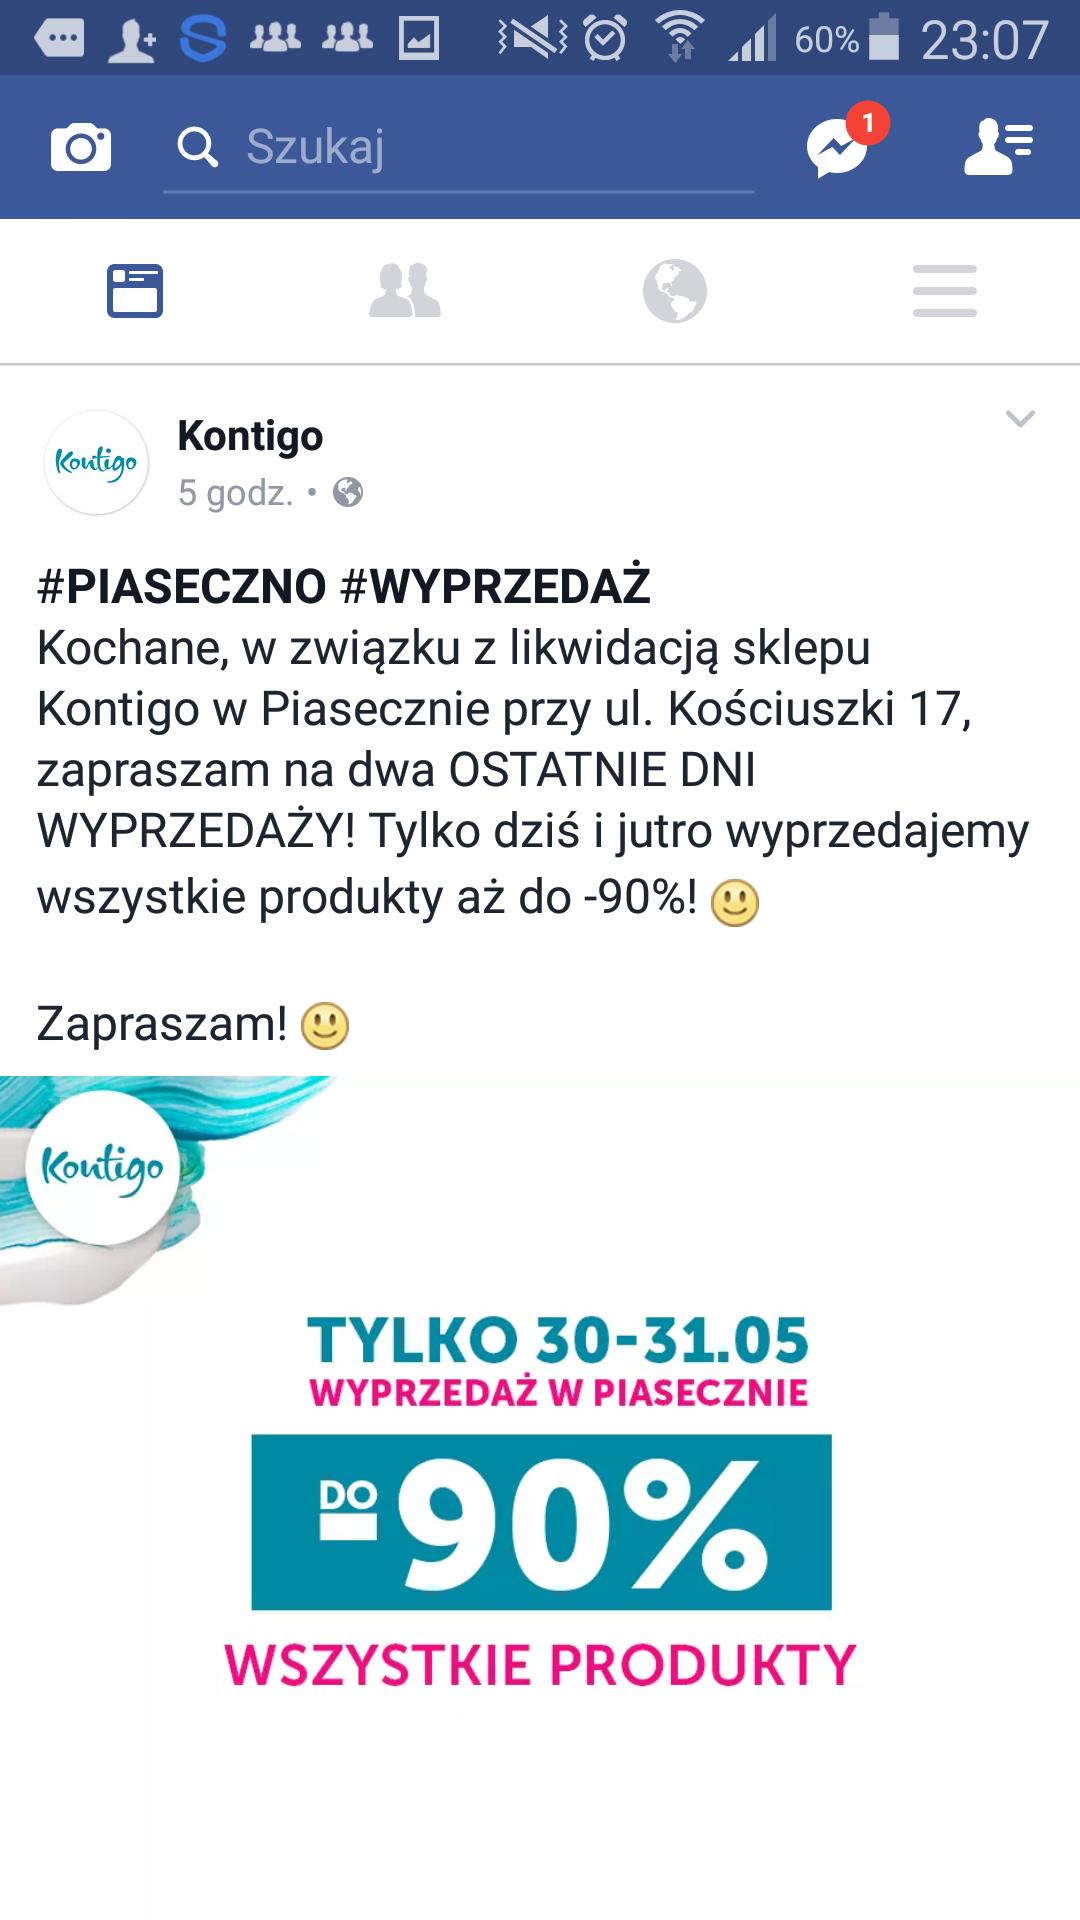 Kontigo do -90% Piaseczno (likwidacja)